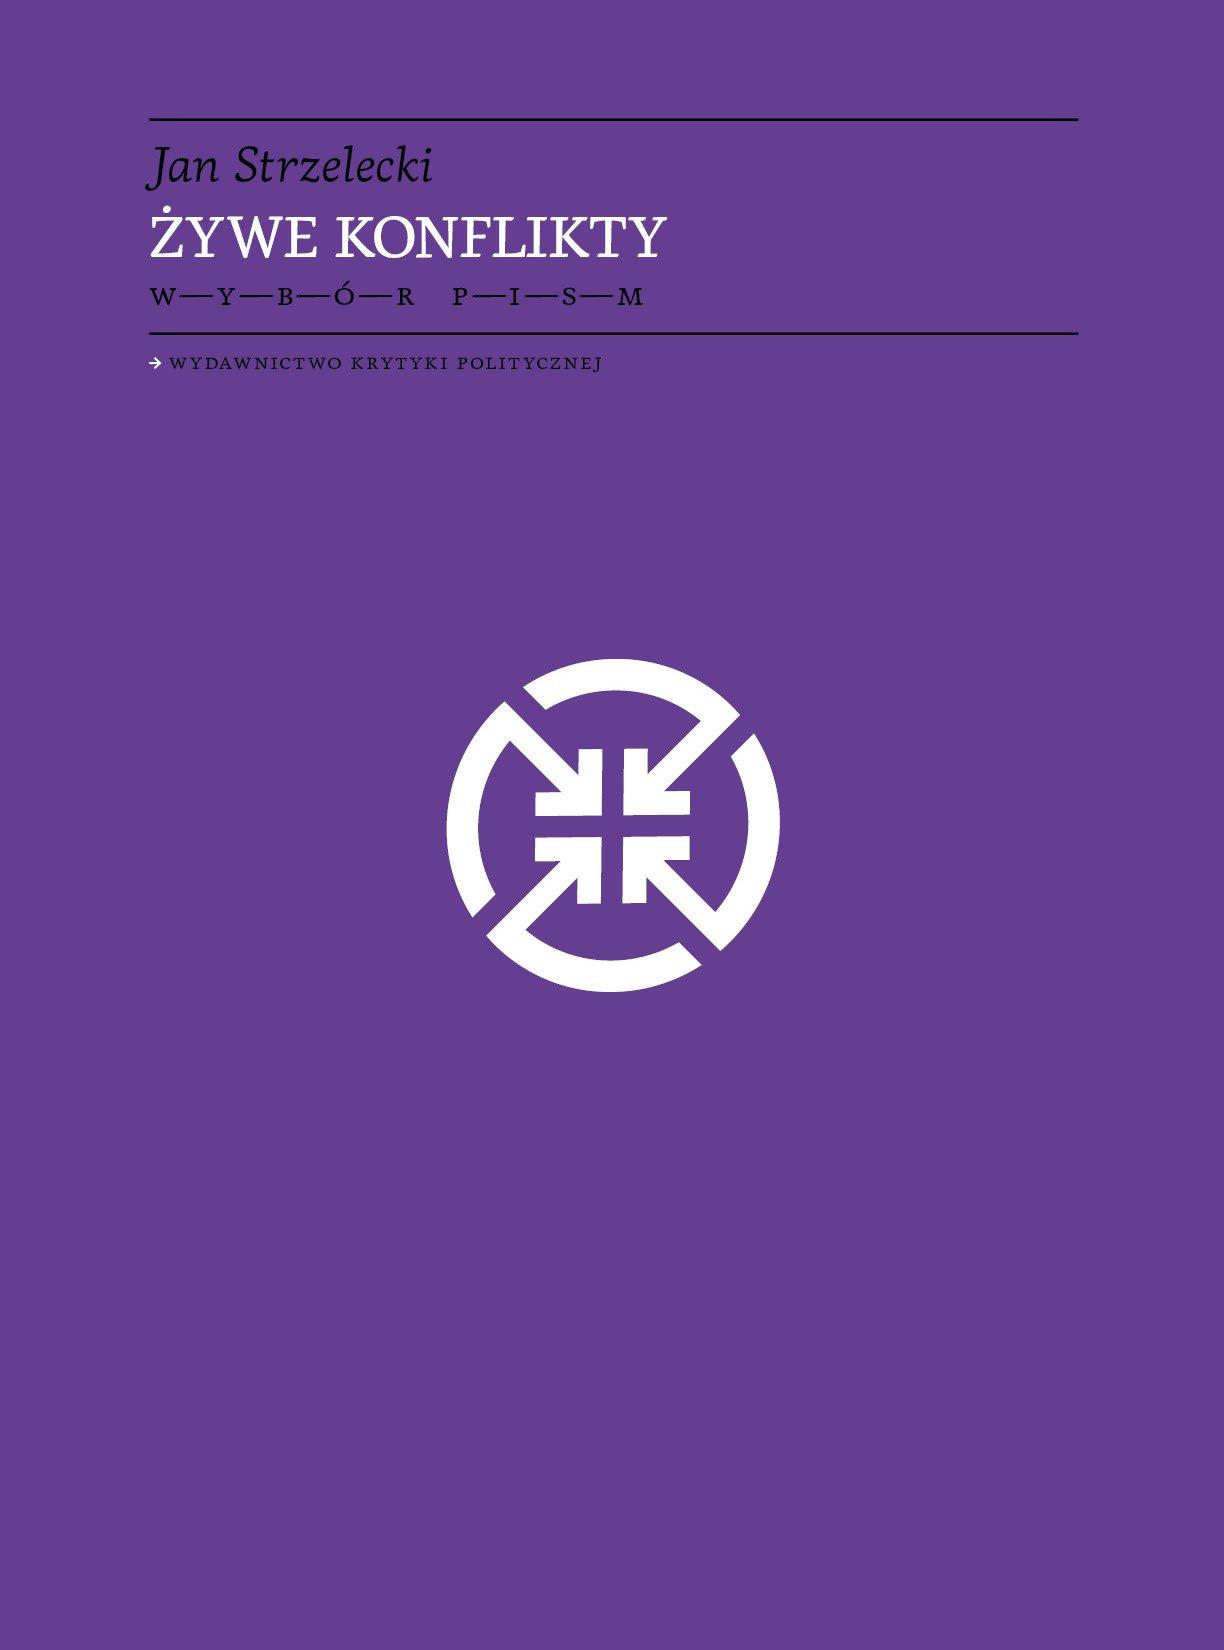 Żywe konflikty - Ebook (Książka na Kindle) do pobrania w formacie MOBI